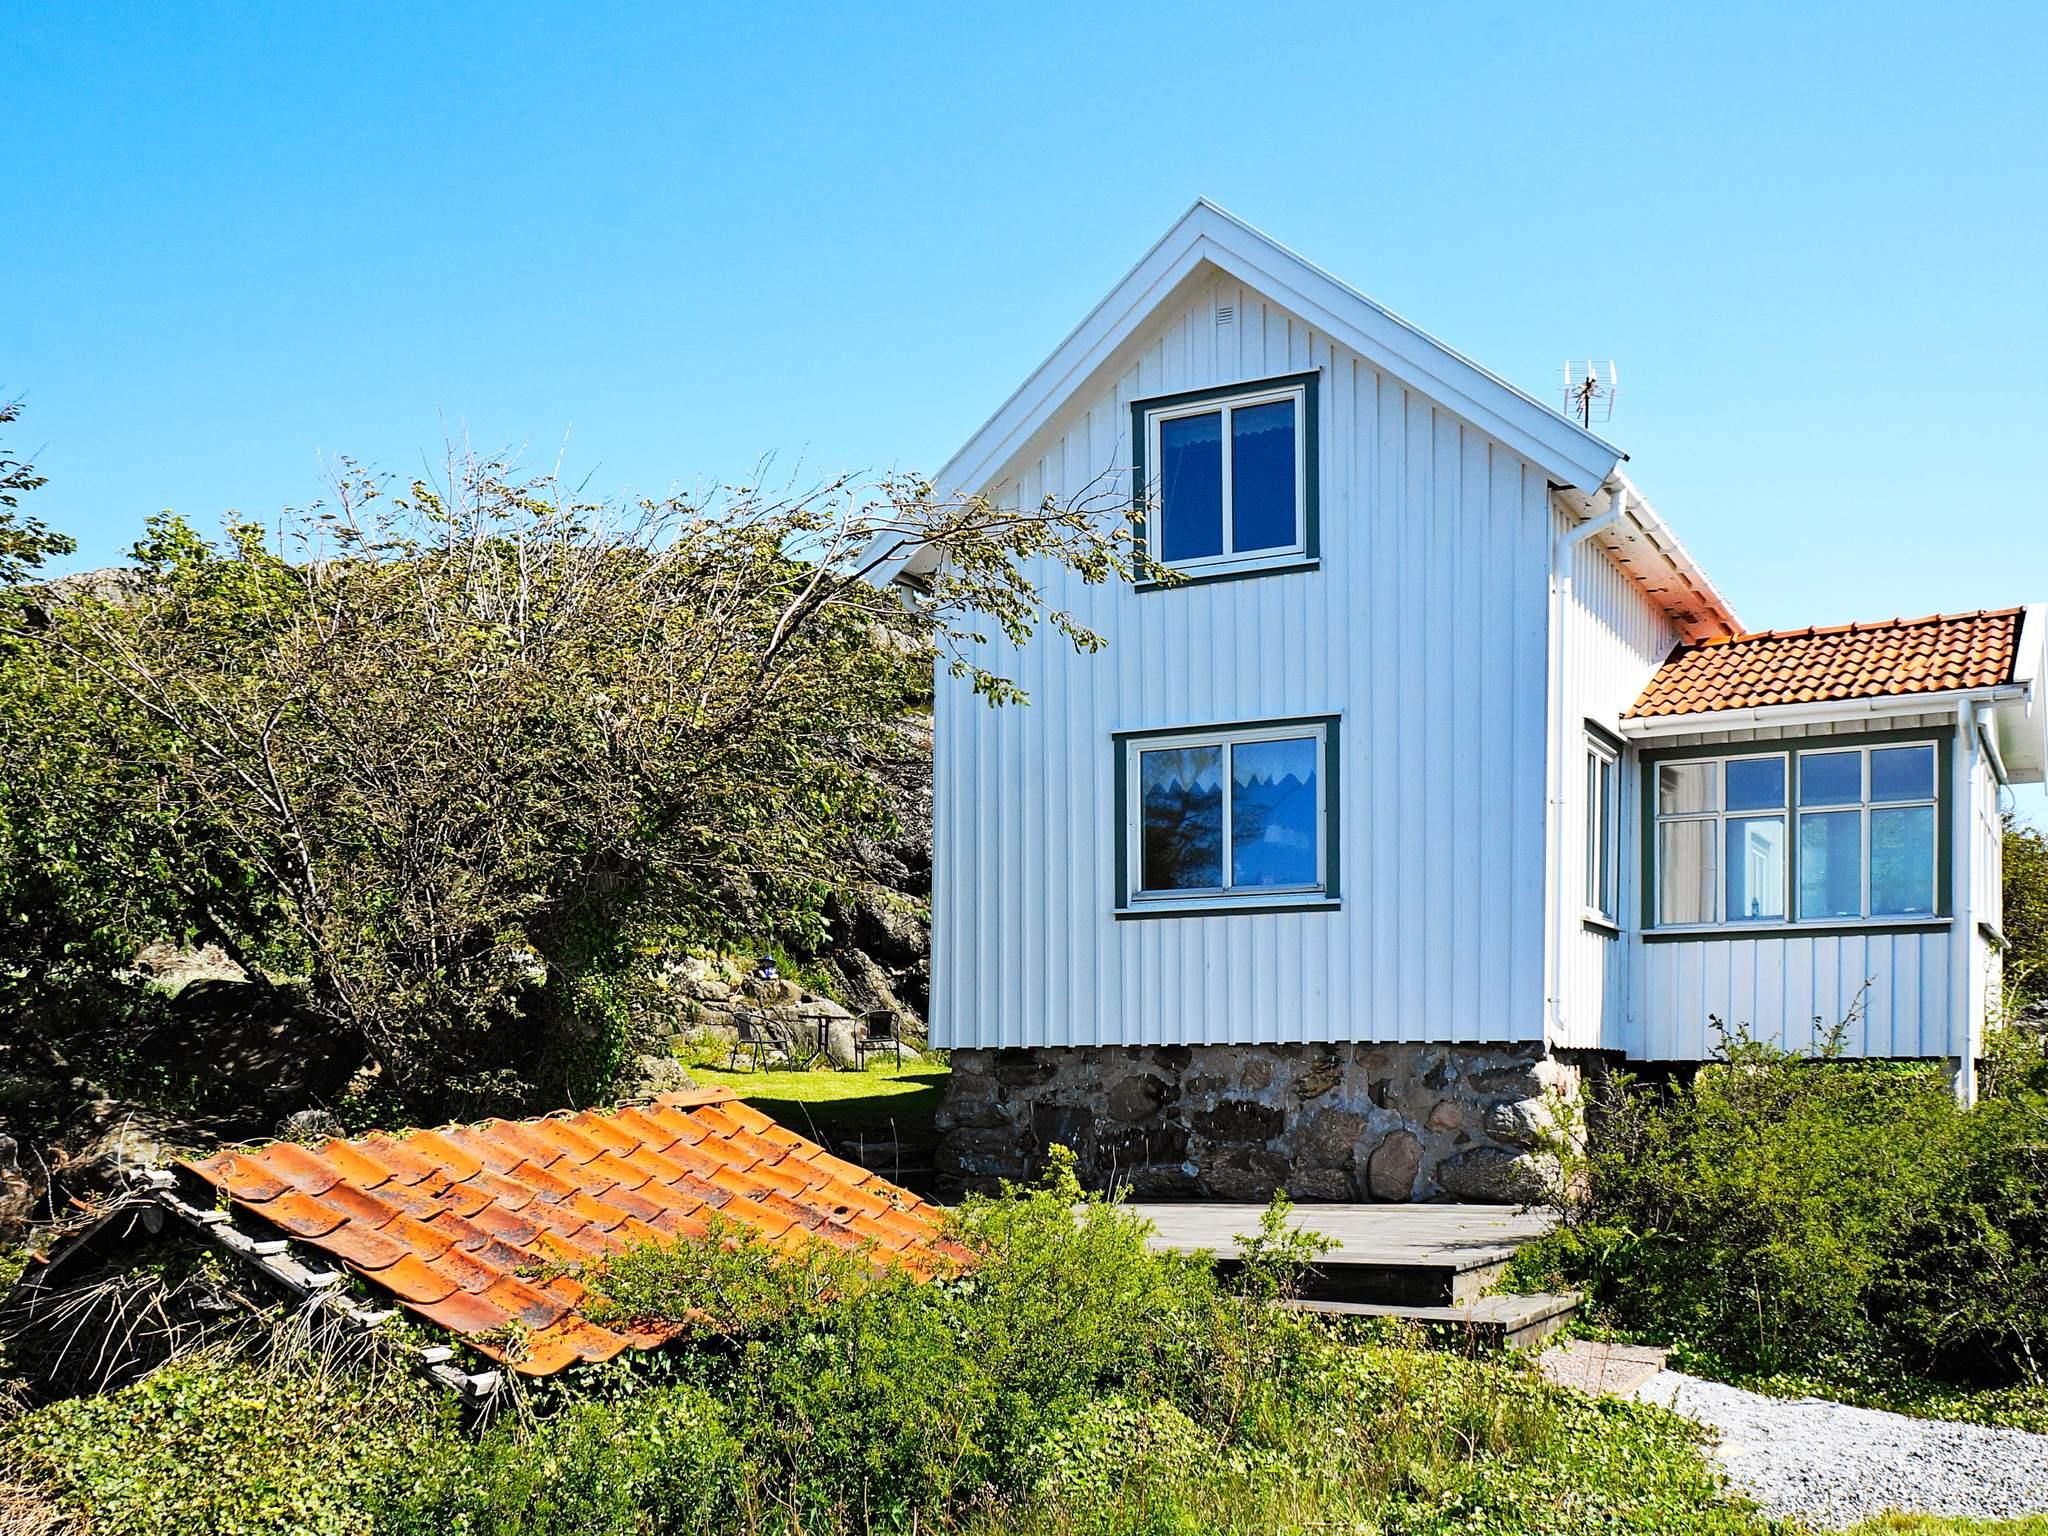 Ferienhaus Tjörn/Klövedal (607202), Klövedal, Tjörn, Westschweden, Schweden, Bild 18